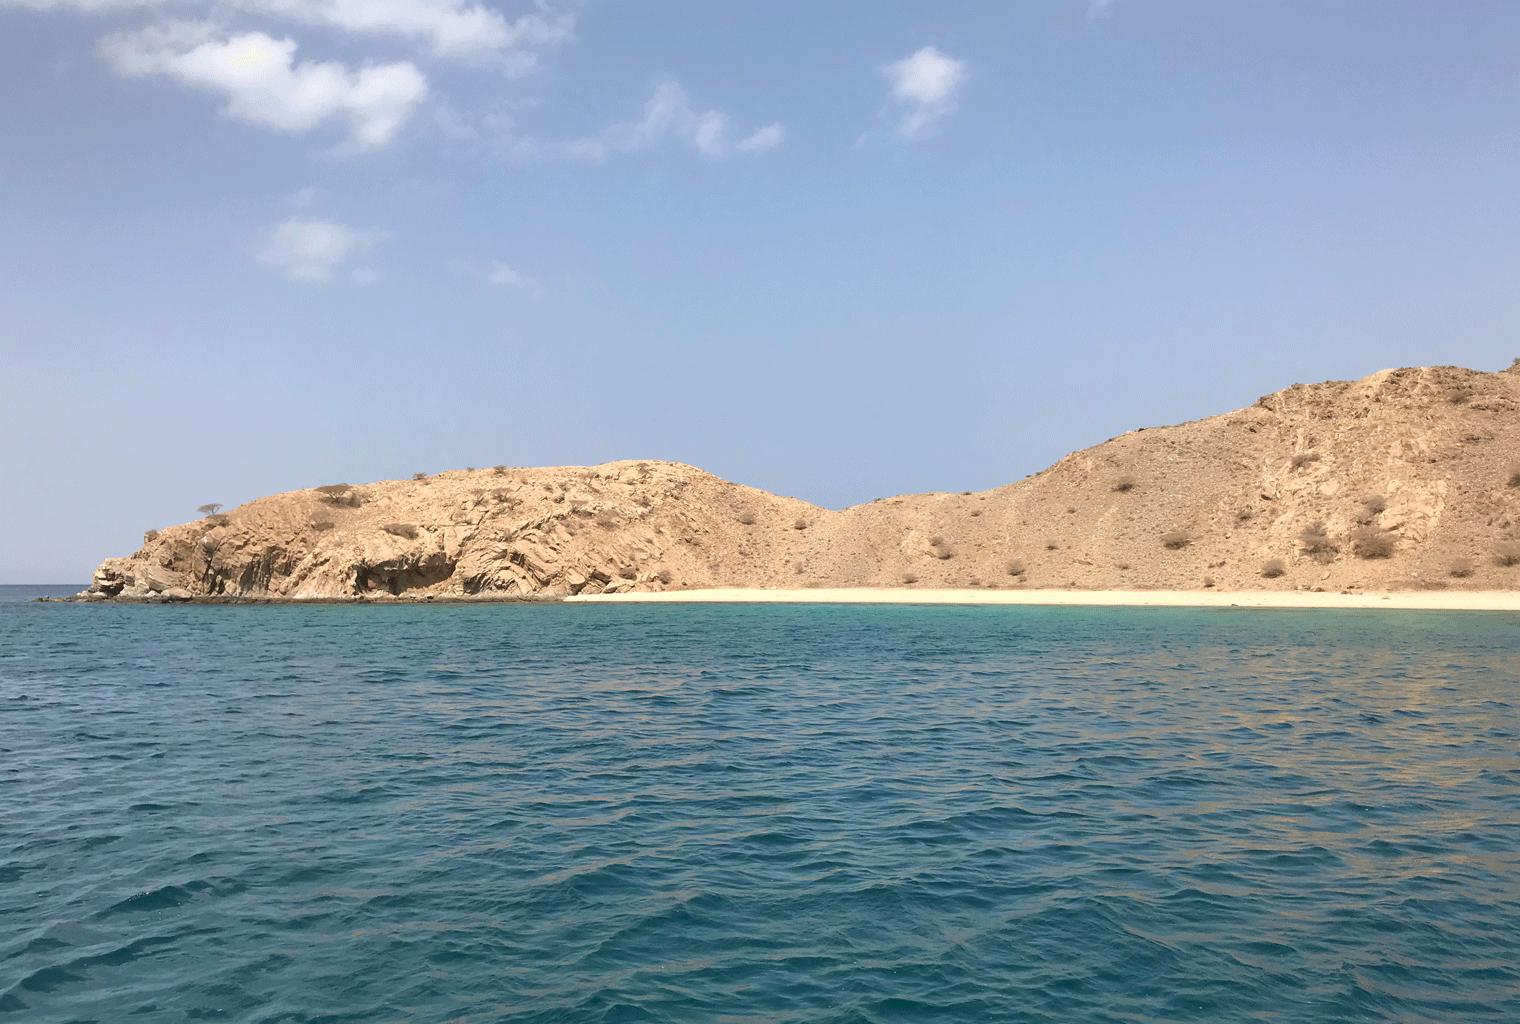 Eritrea-Dahalak-Archipelago